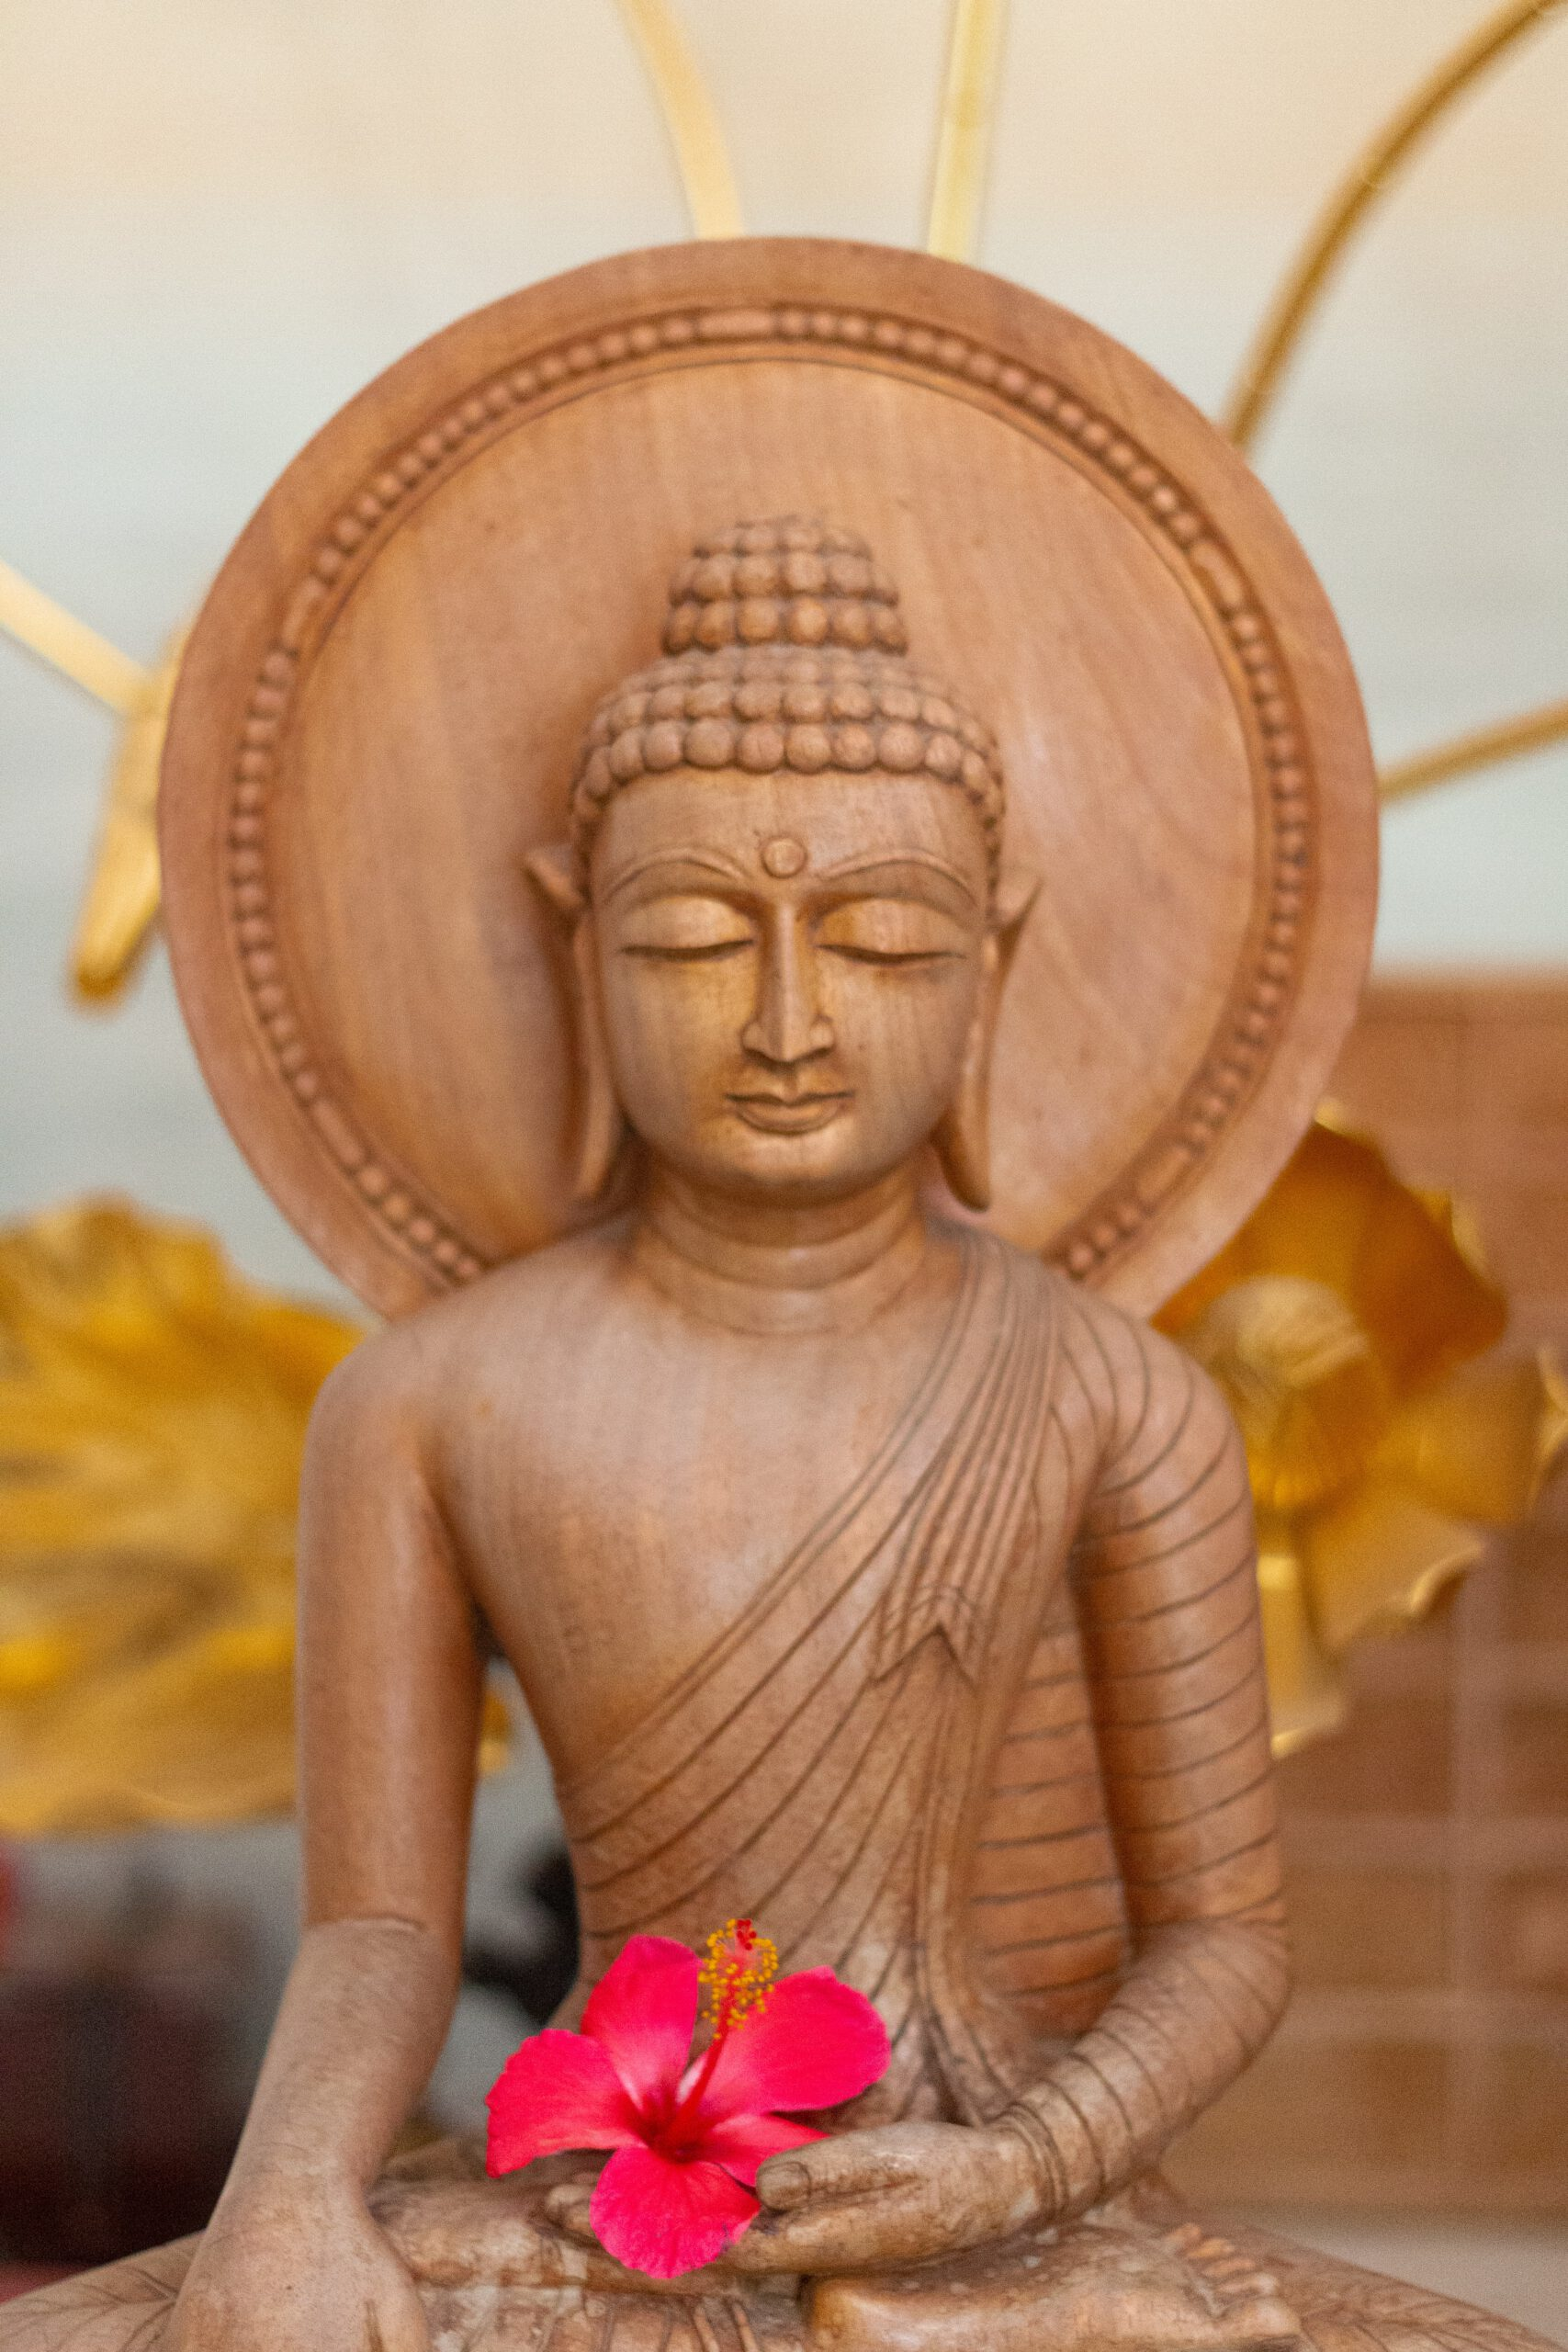 Dharma-Studium in der Online Dharma Gruppe. Dharma ist die Beschreibung des Weges zu dem, was in buddhistischen Traditionen als Erwachen bezeichnet wird.